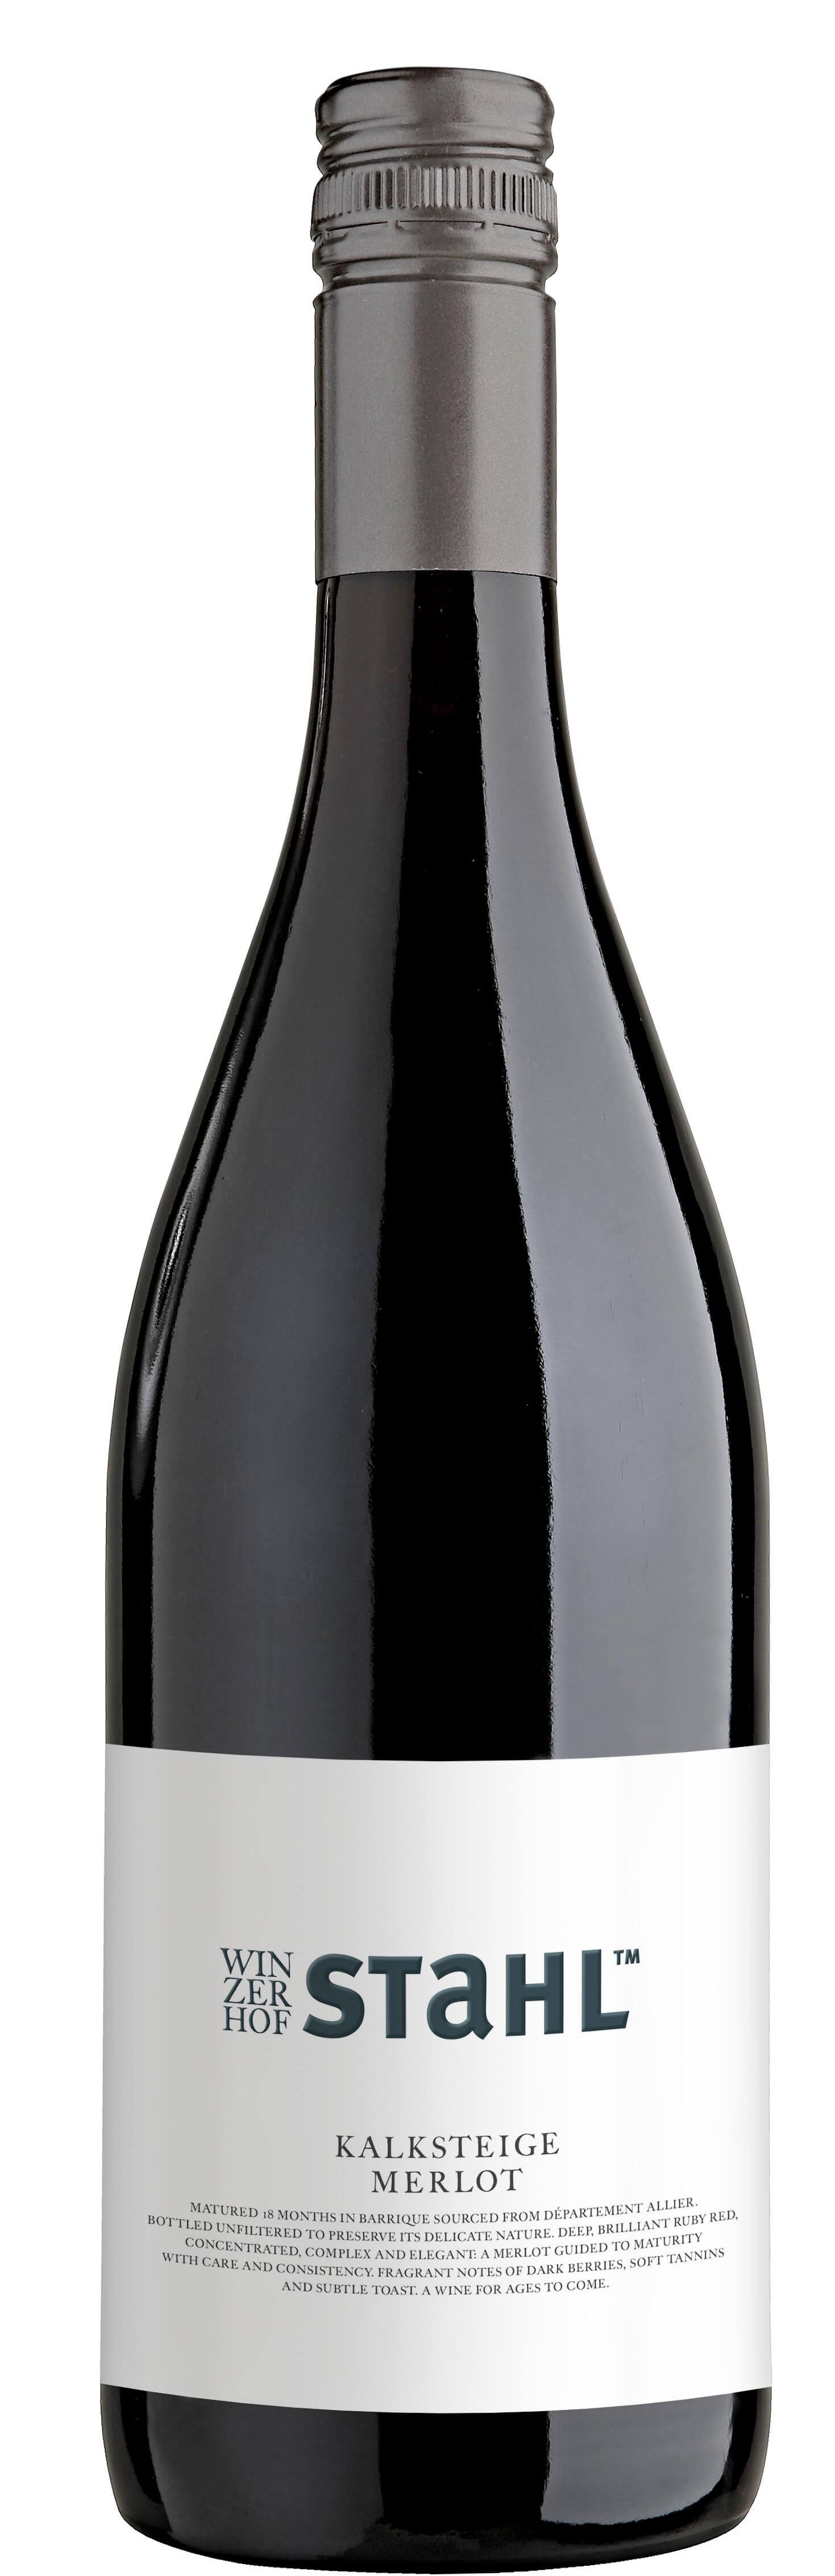 2018 Merlot KALKSTEIGE Qualitätswein